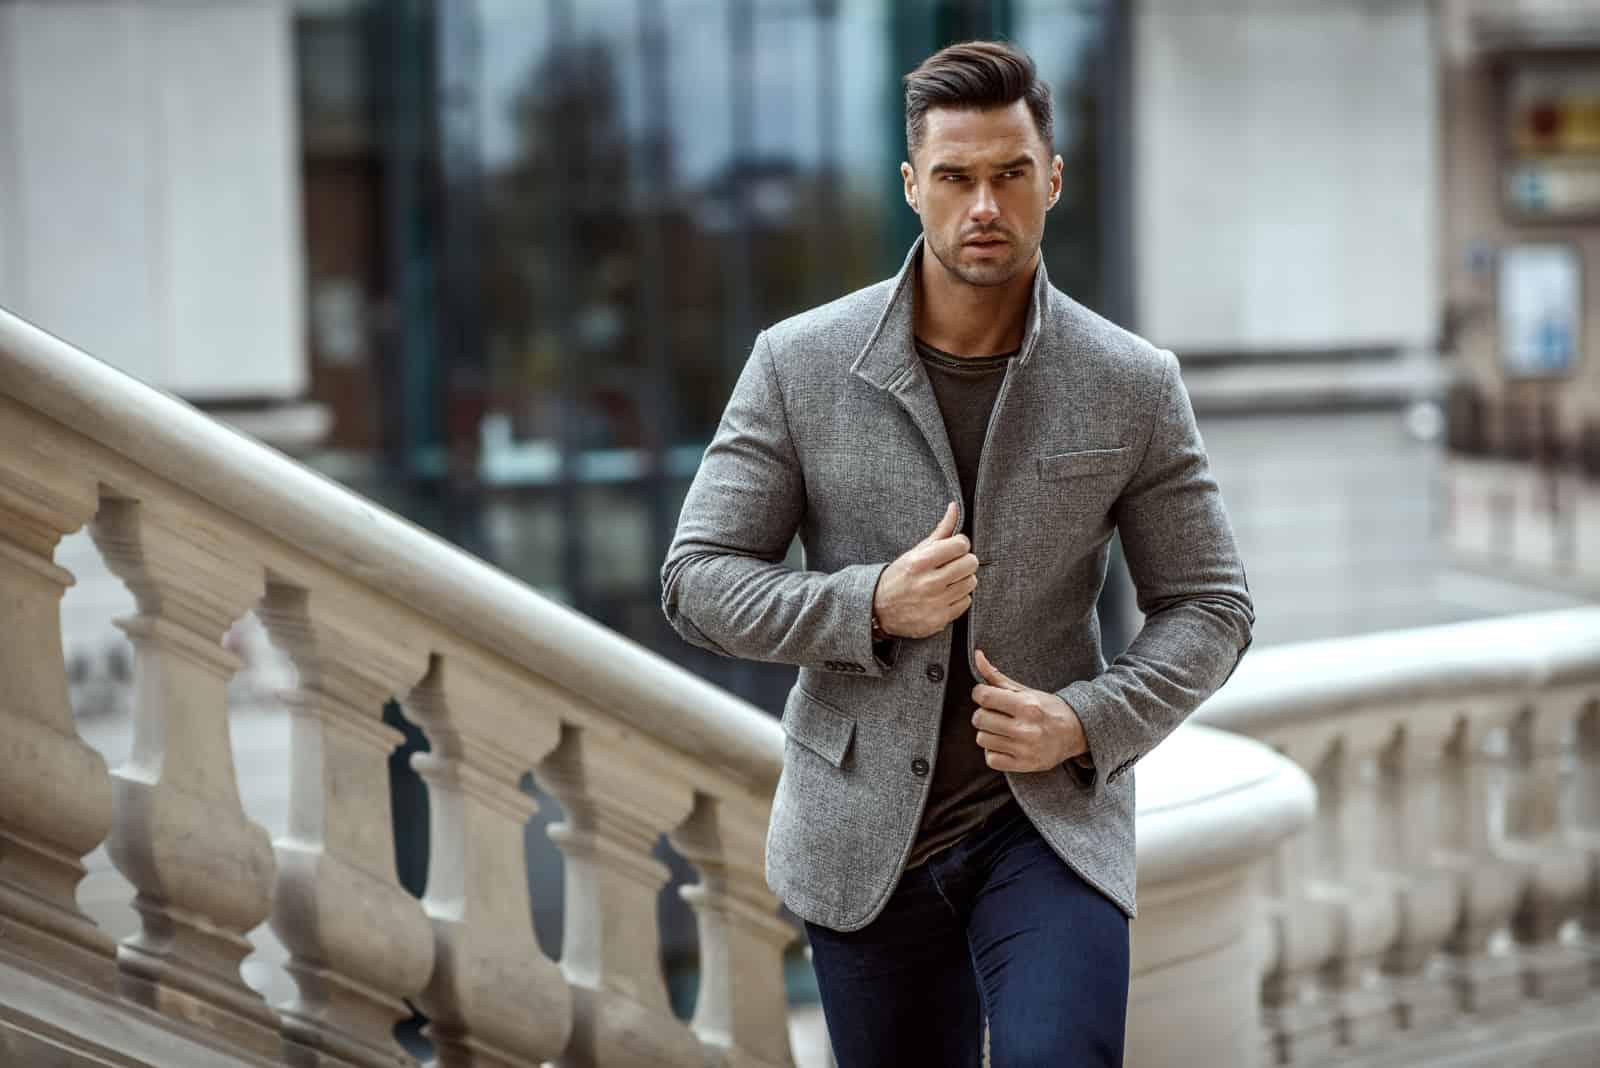 Mann im modischen Outfit zu Fuß